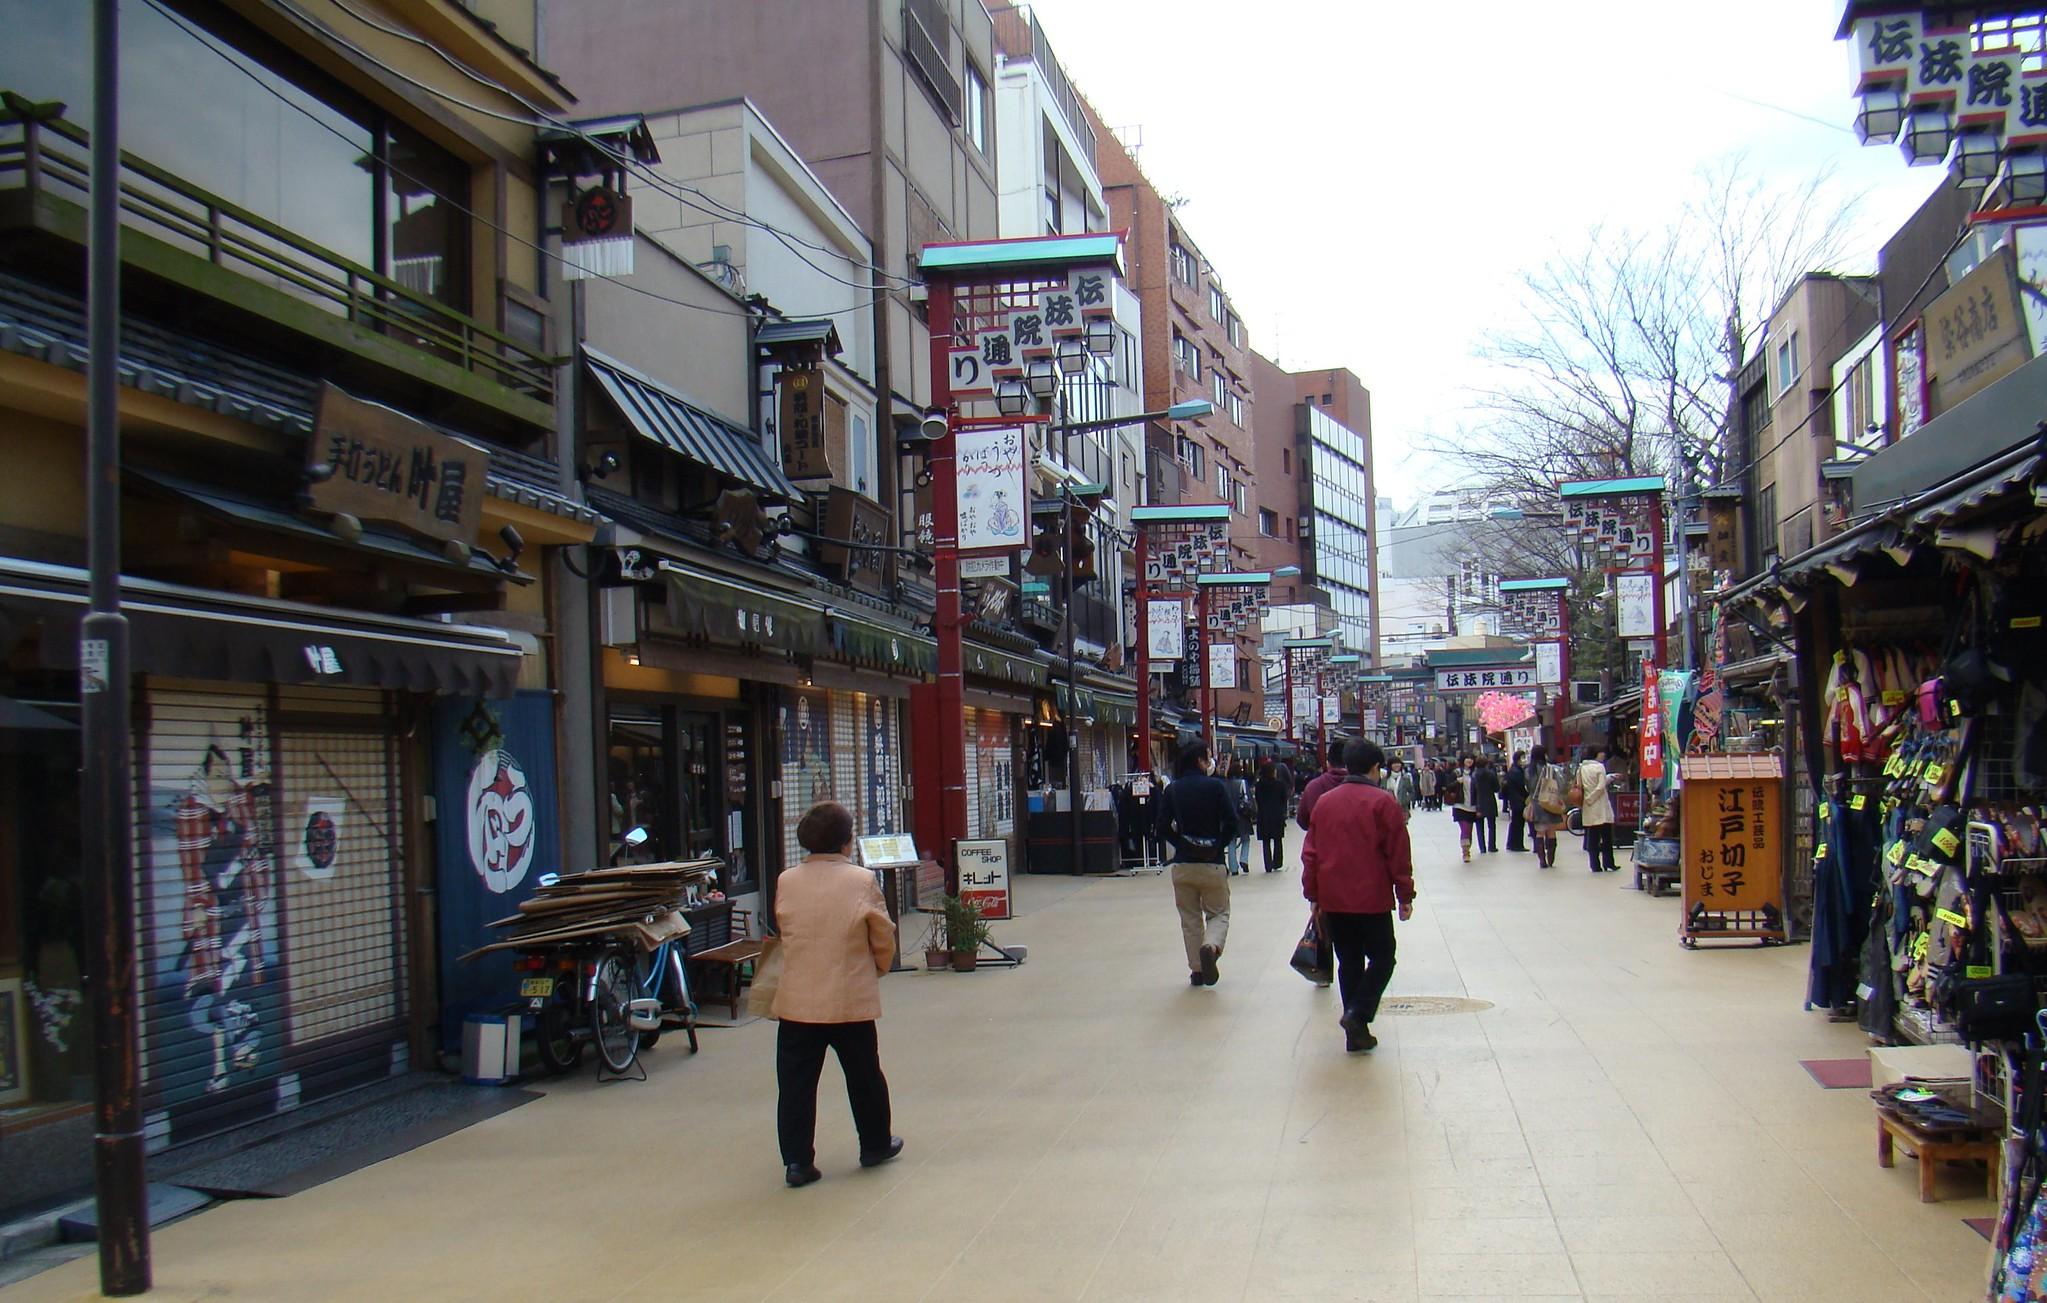 Calle Dempoin Dori Tokio Japón 13